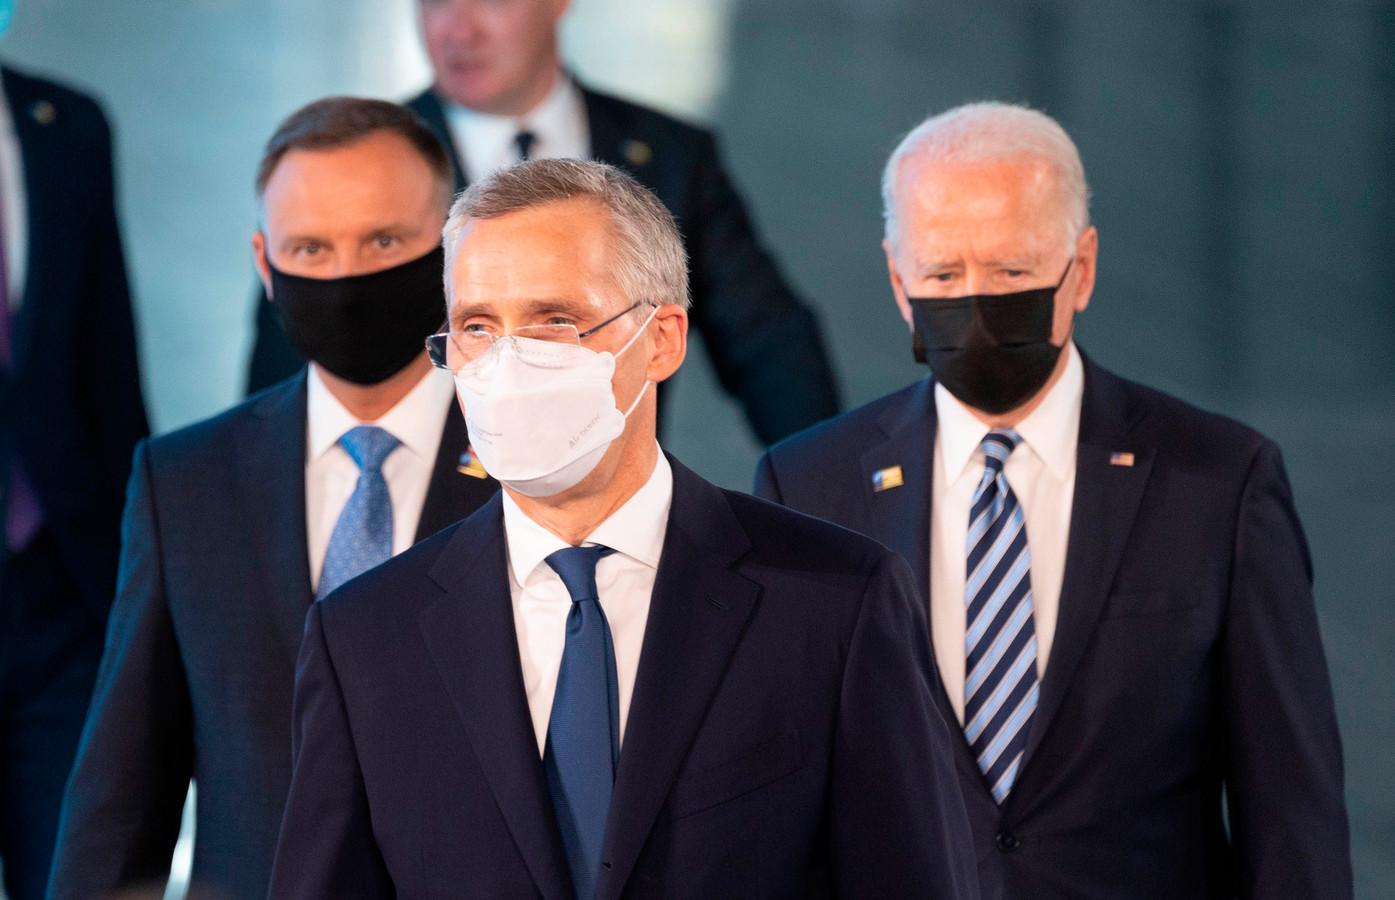 Navo-topman Jens Stoltenberg (m) en de Amerikaanse president Joe Biden (r).